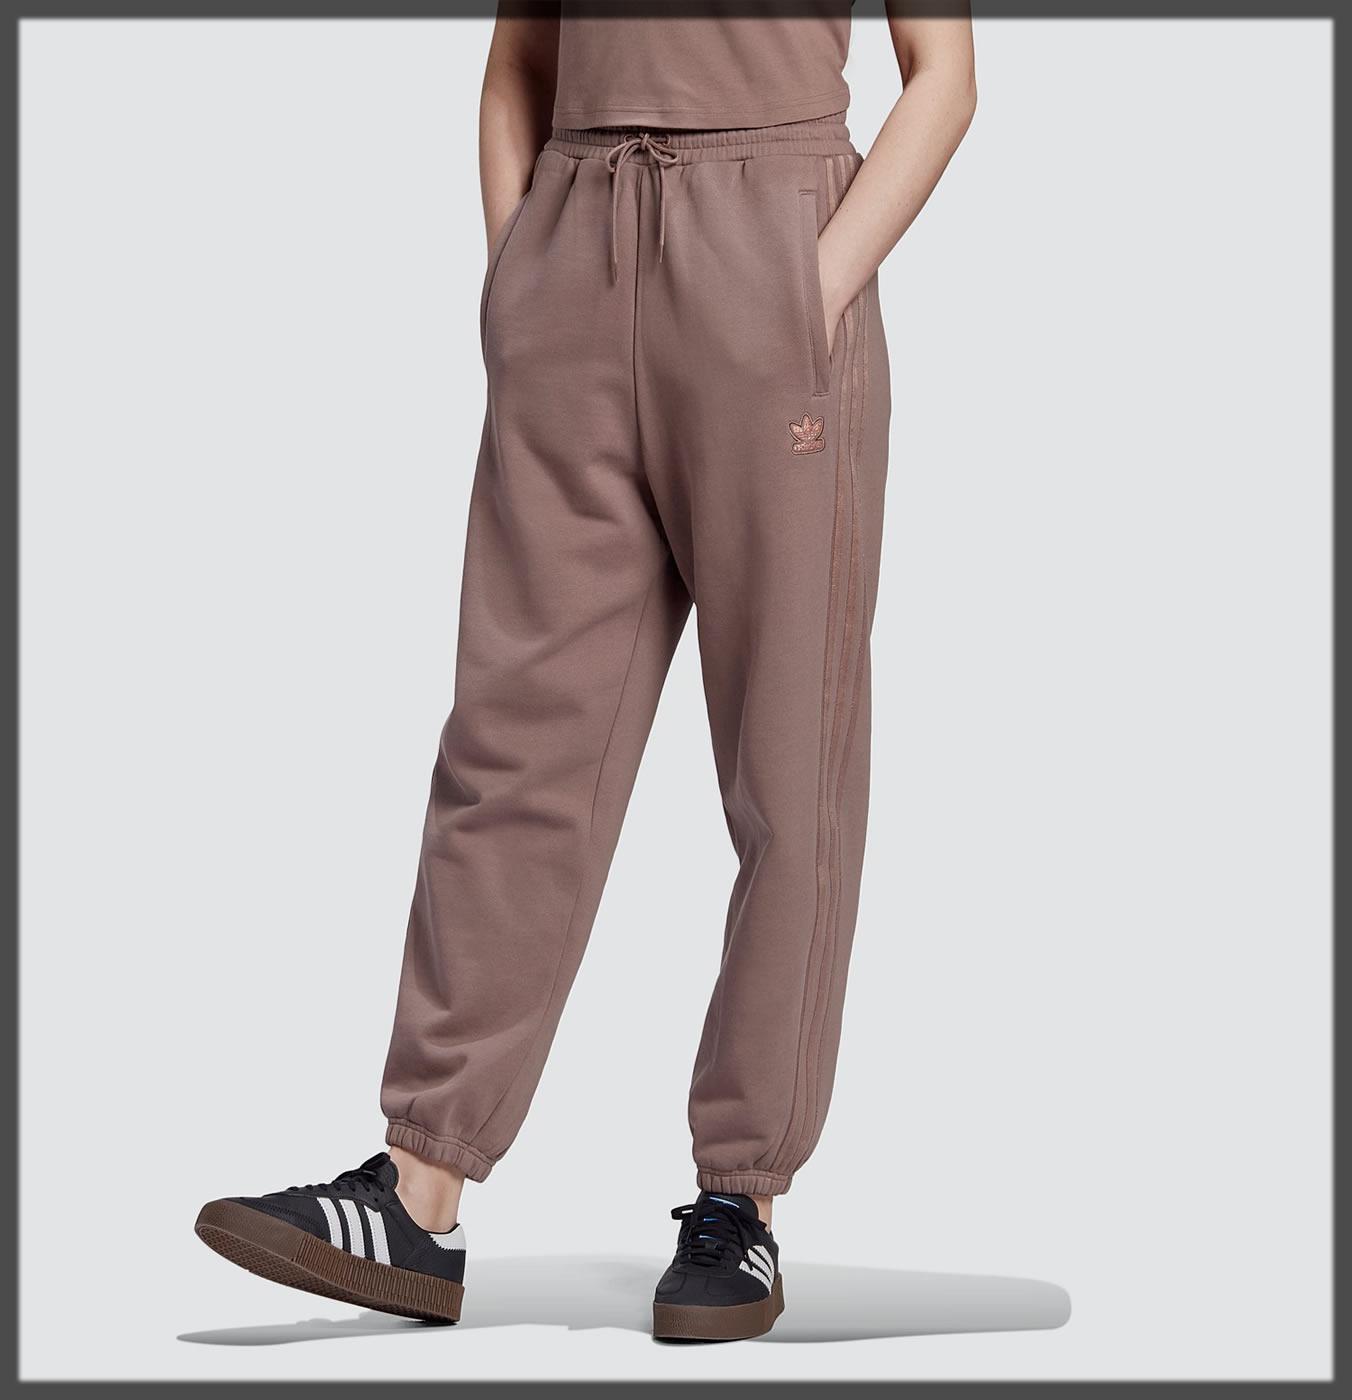 lavish Sweat Khaki Pants For Women